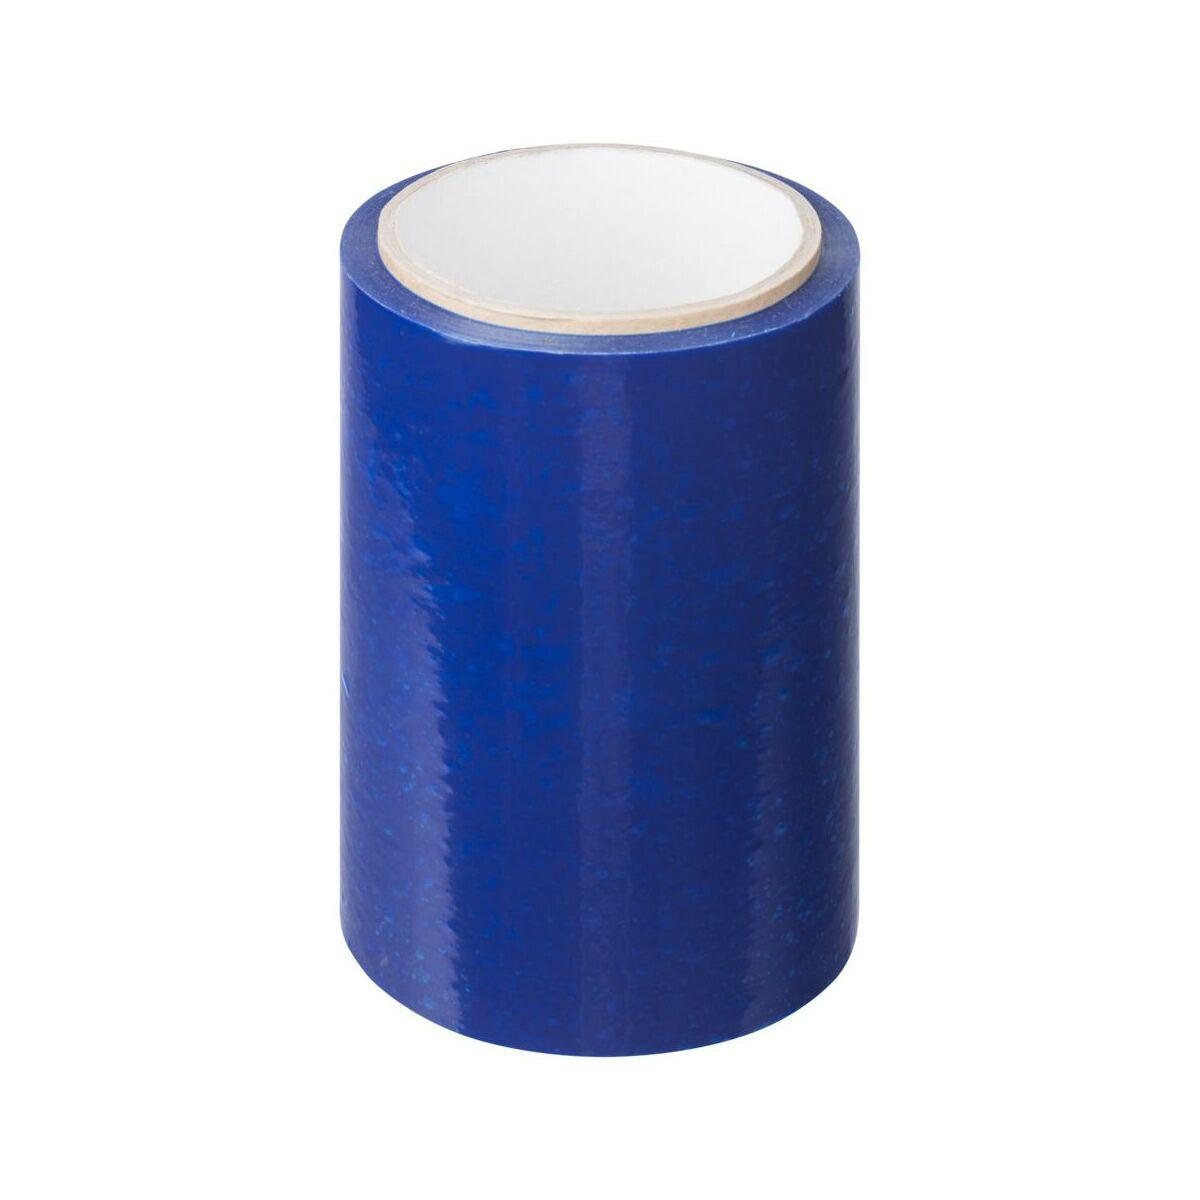 Folia Ochronna Samoprzylepna 15 Cm X 50 M Globall Folie Ochronne W Atrakcyjnej Cenie W Sklepach Leroy Merlin